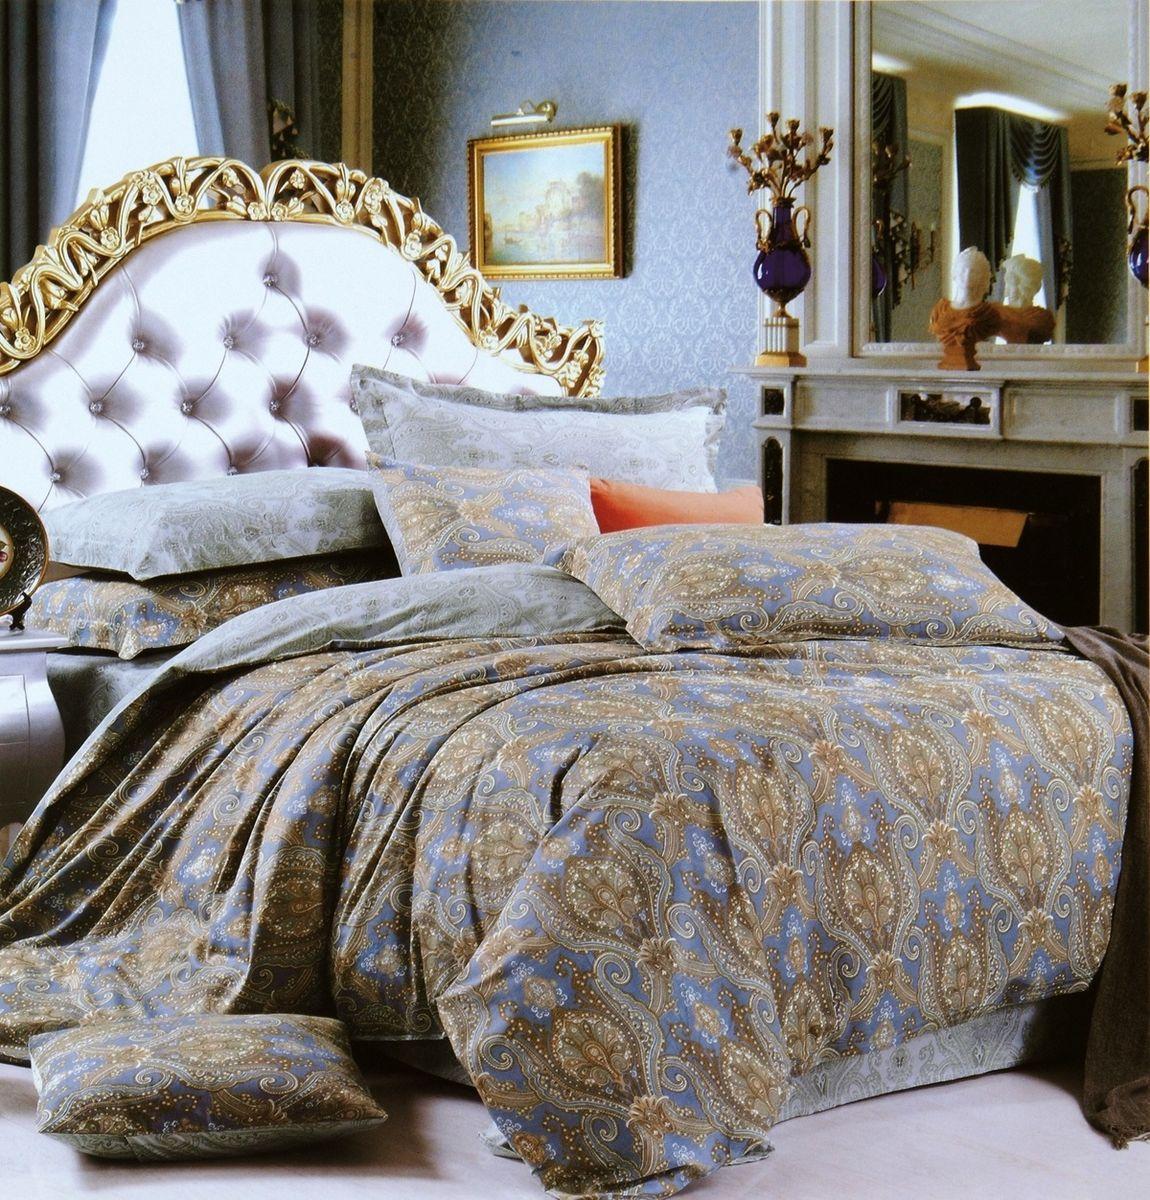 Комплект белья Modalin Eniko, 2-спальный, наволочки 50х70, 70x70464/13Комплект постельного белья Modalin, выполненный из сатина (100% хлопка), создан для комфорта и роскоши. Комплект состоит из пододеяльника, простыни и 4 наволочек. Постельное белье оформлено оригинальным орнаментом. Пододеяльник застегивается на пуговицы, что позволяет одеялу не выпадать из него. Сатин - хлопчатобумажная ткань полотняного переплетения, одна из самых красивых, прочных и приятных телу тканей, изготовленных из натурального волокна. Благодаря своей шелковистости и блеску сатин называют хлопковым шелком.